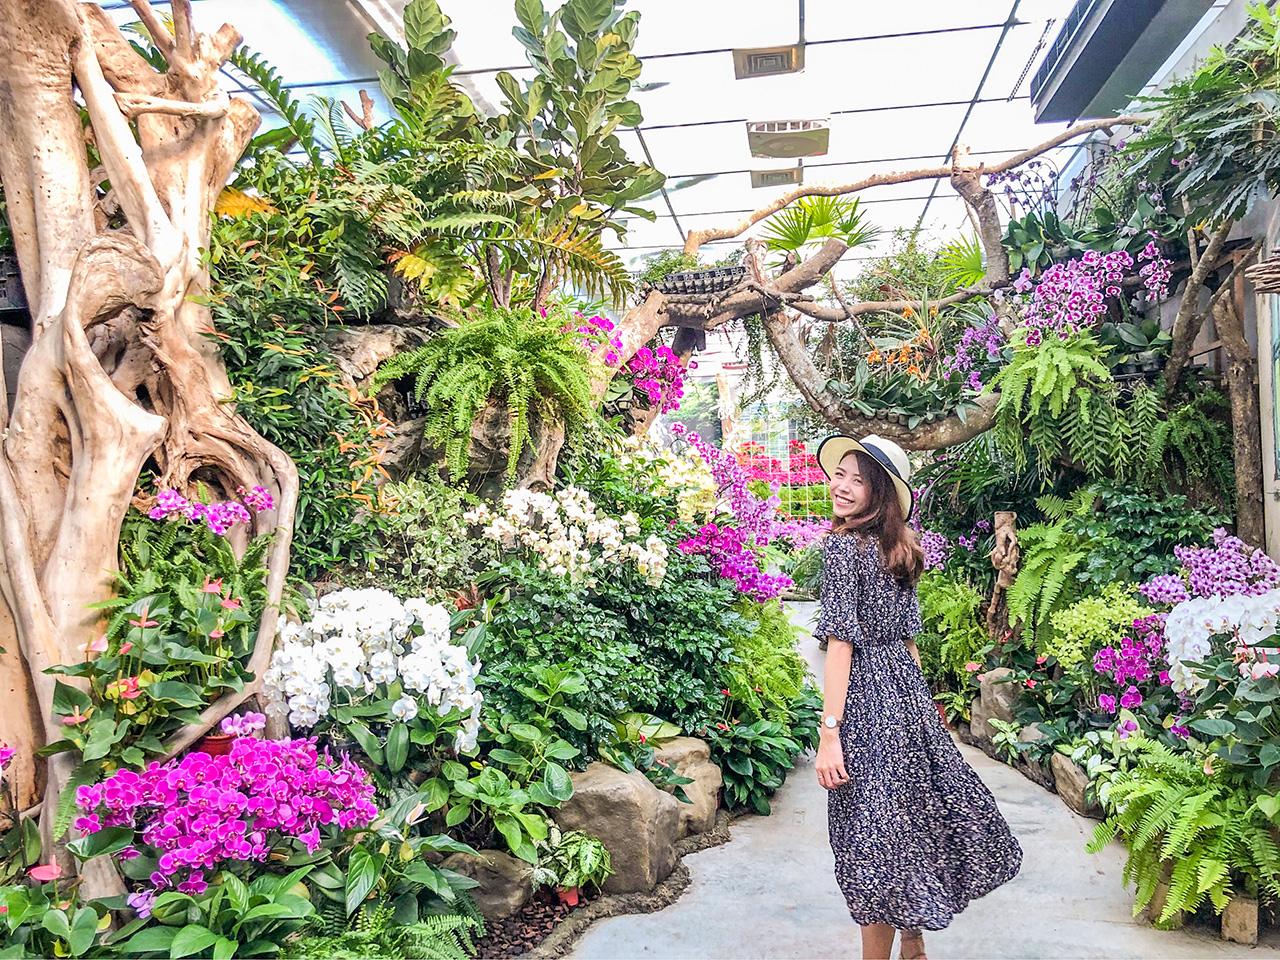 蘭花館為全年花季,依季節不同用蘭花搭配當季花卉/花露農場提供